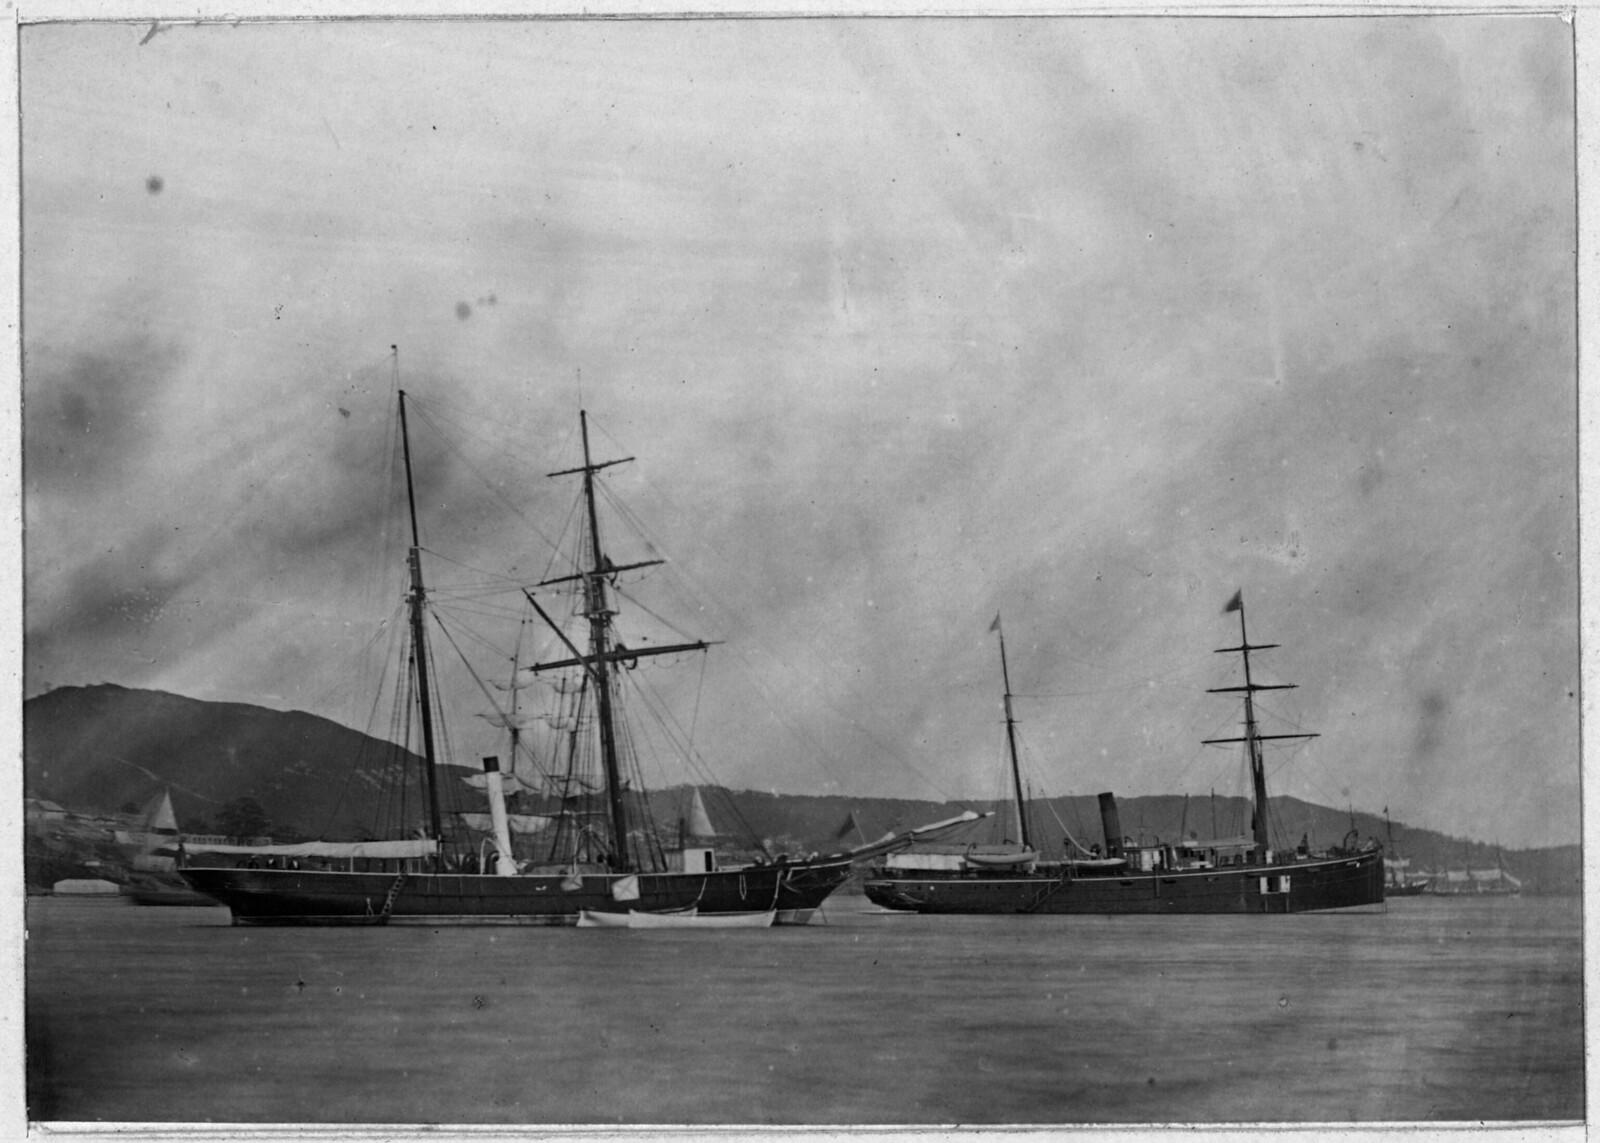 Шхуна «Восток» Сибирской флотилии и шхуна «Сибирь». 1875